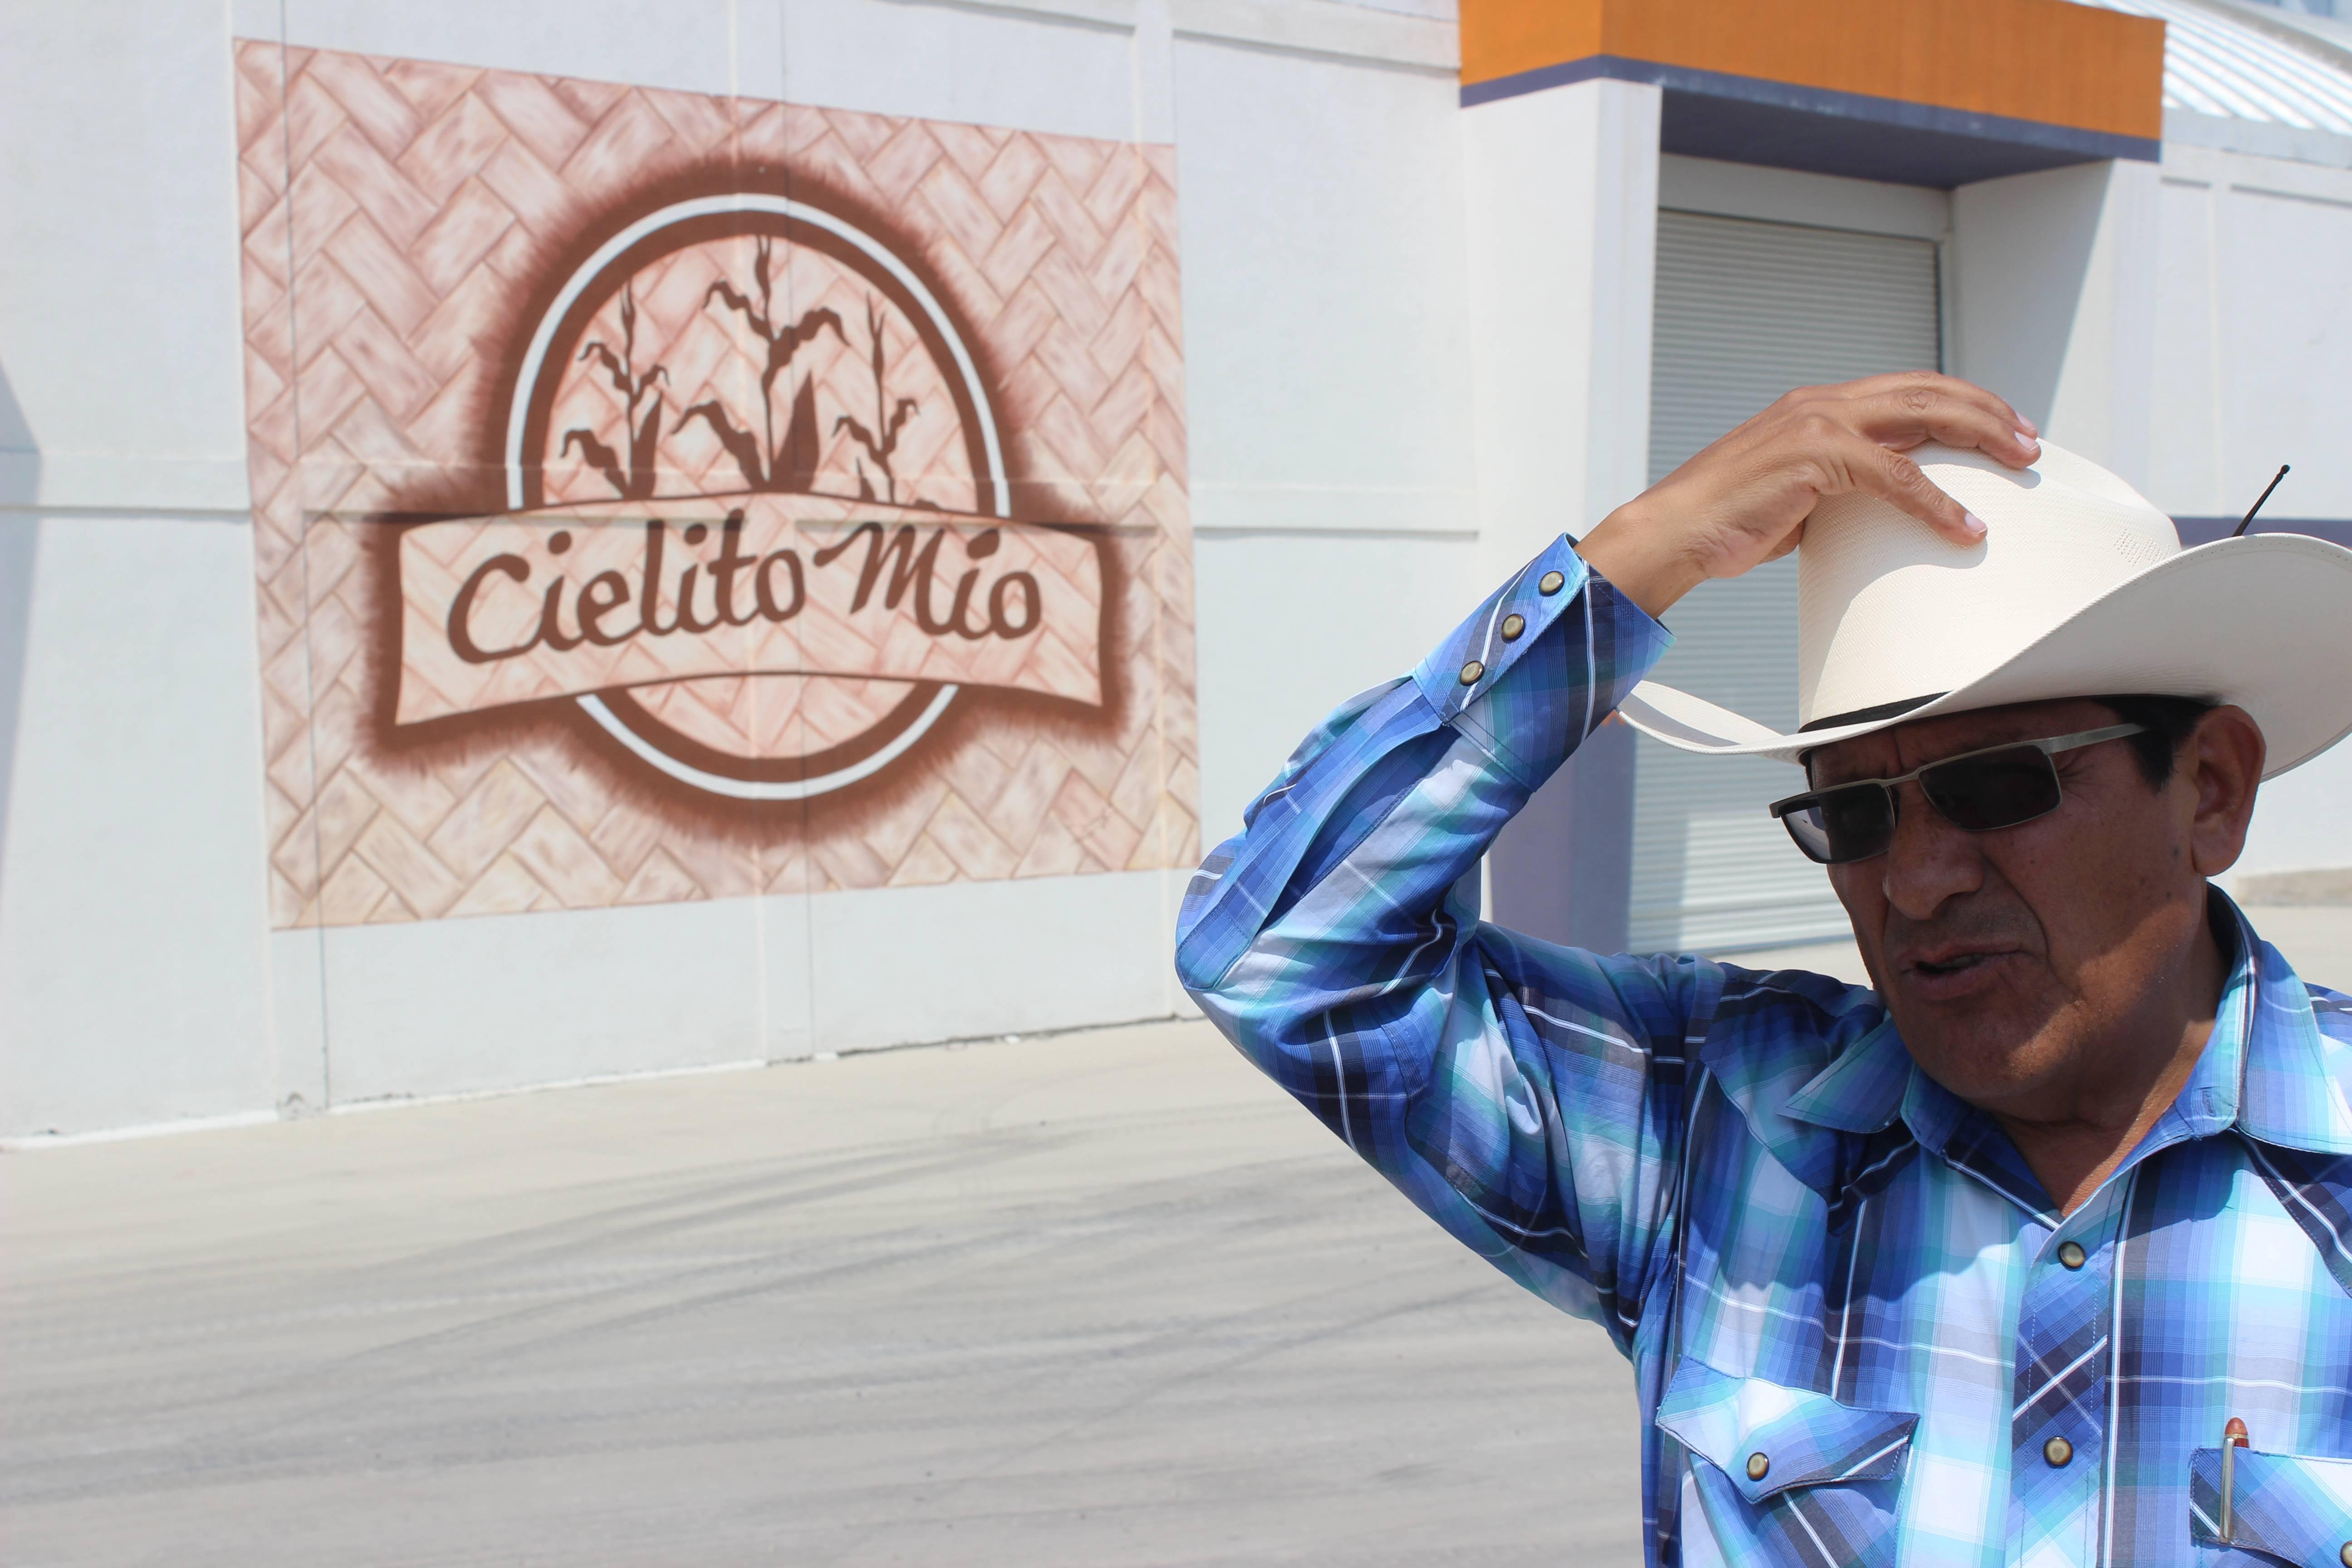 Efraín García Bello lidera um grupo de 12 mil pequenos agricultores em Puebla, região central do México.